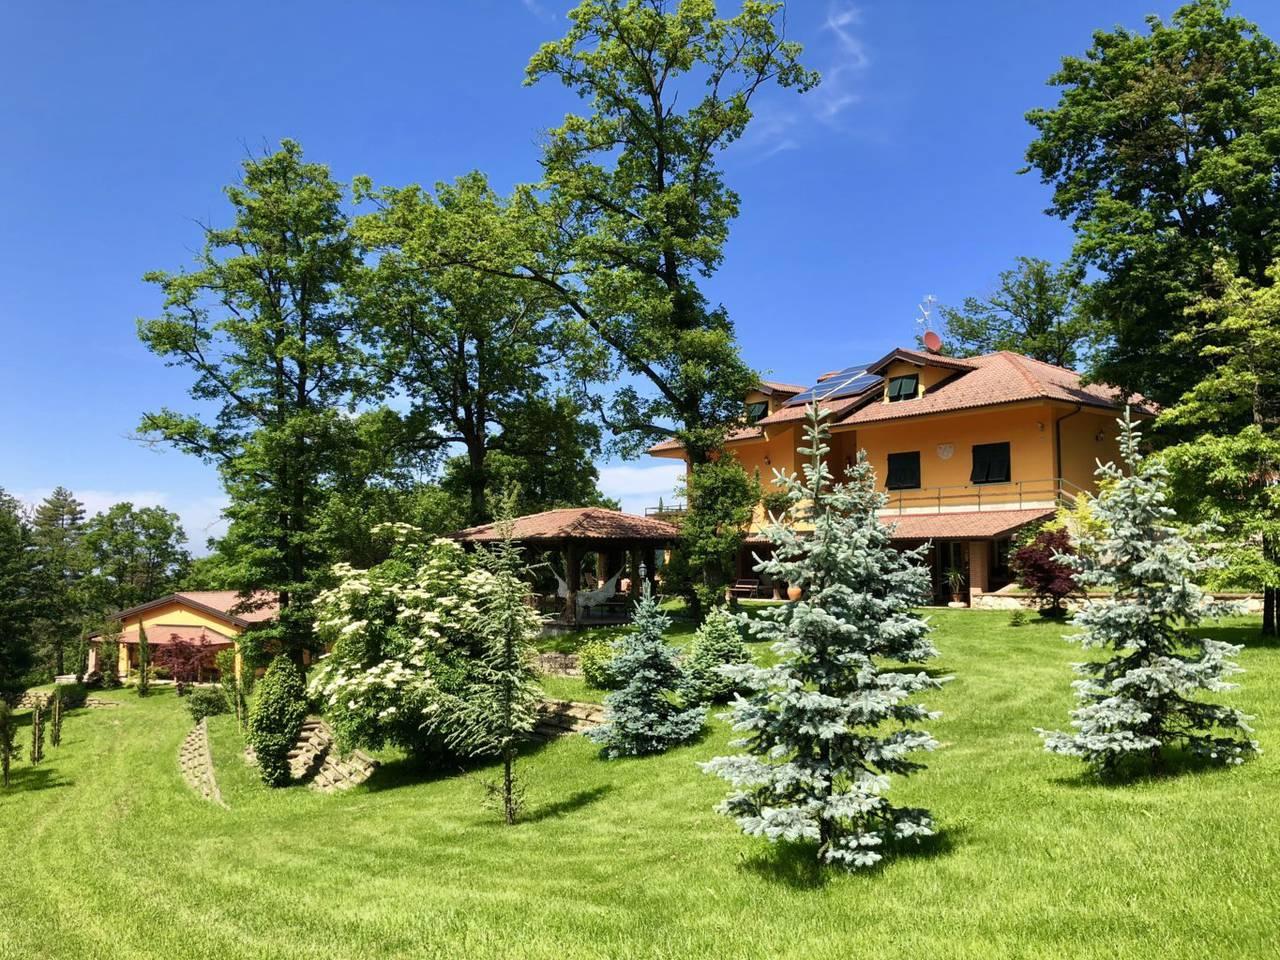 Villa-con-parco-in-vendita-a-Ovada-9